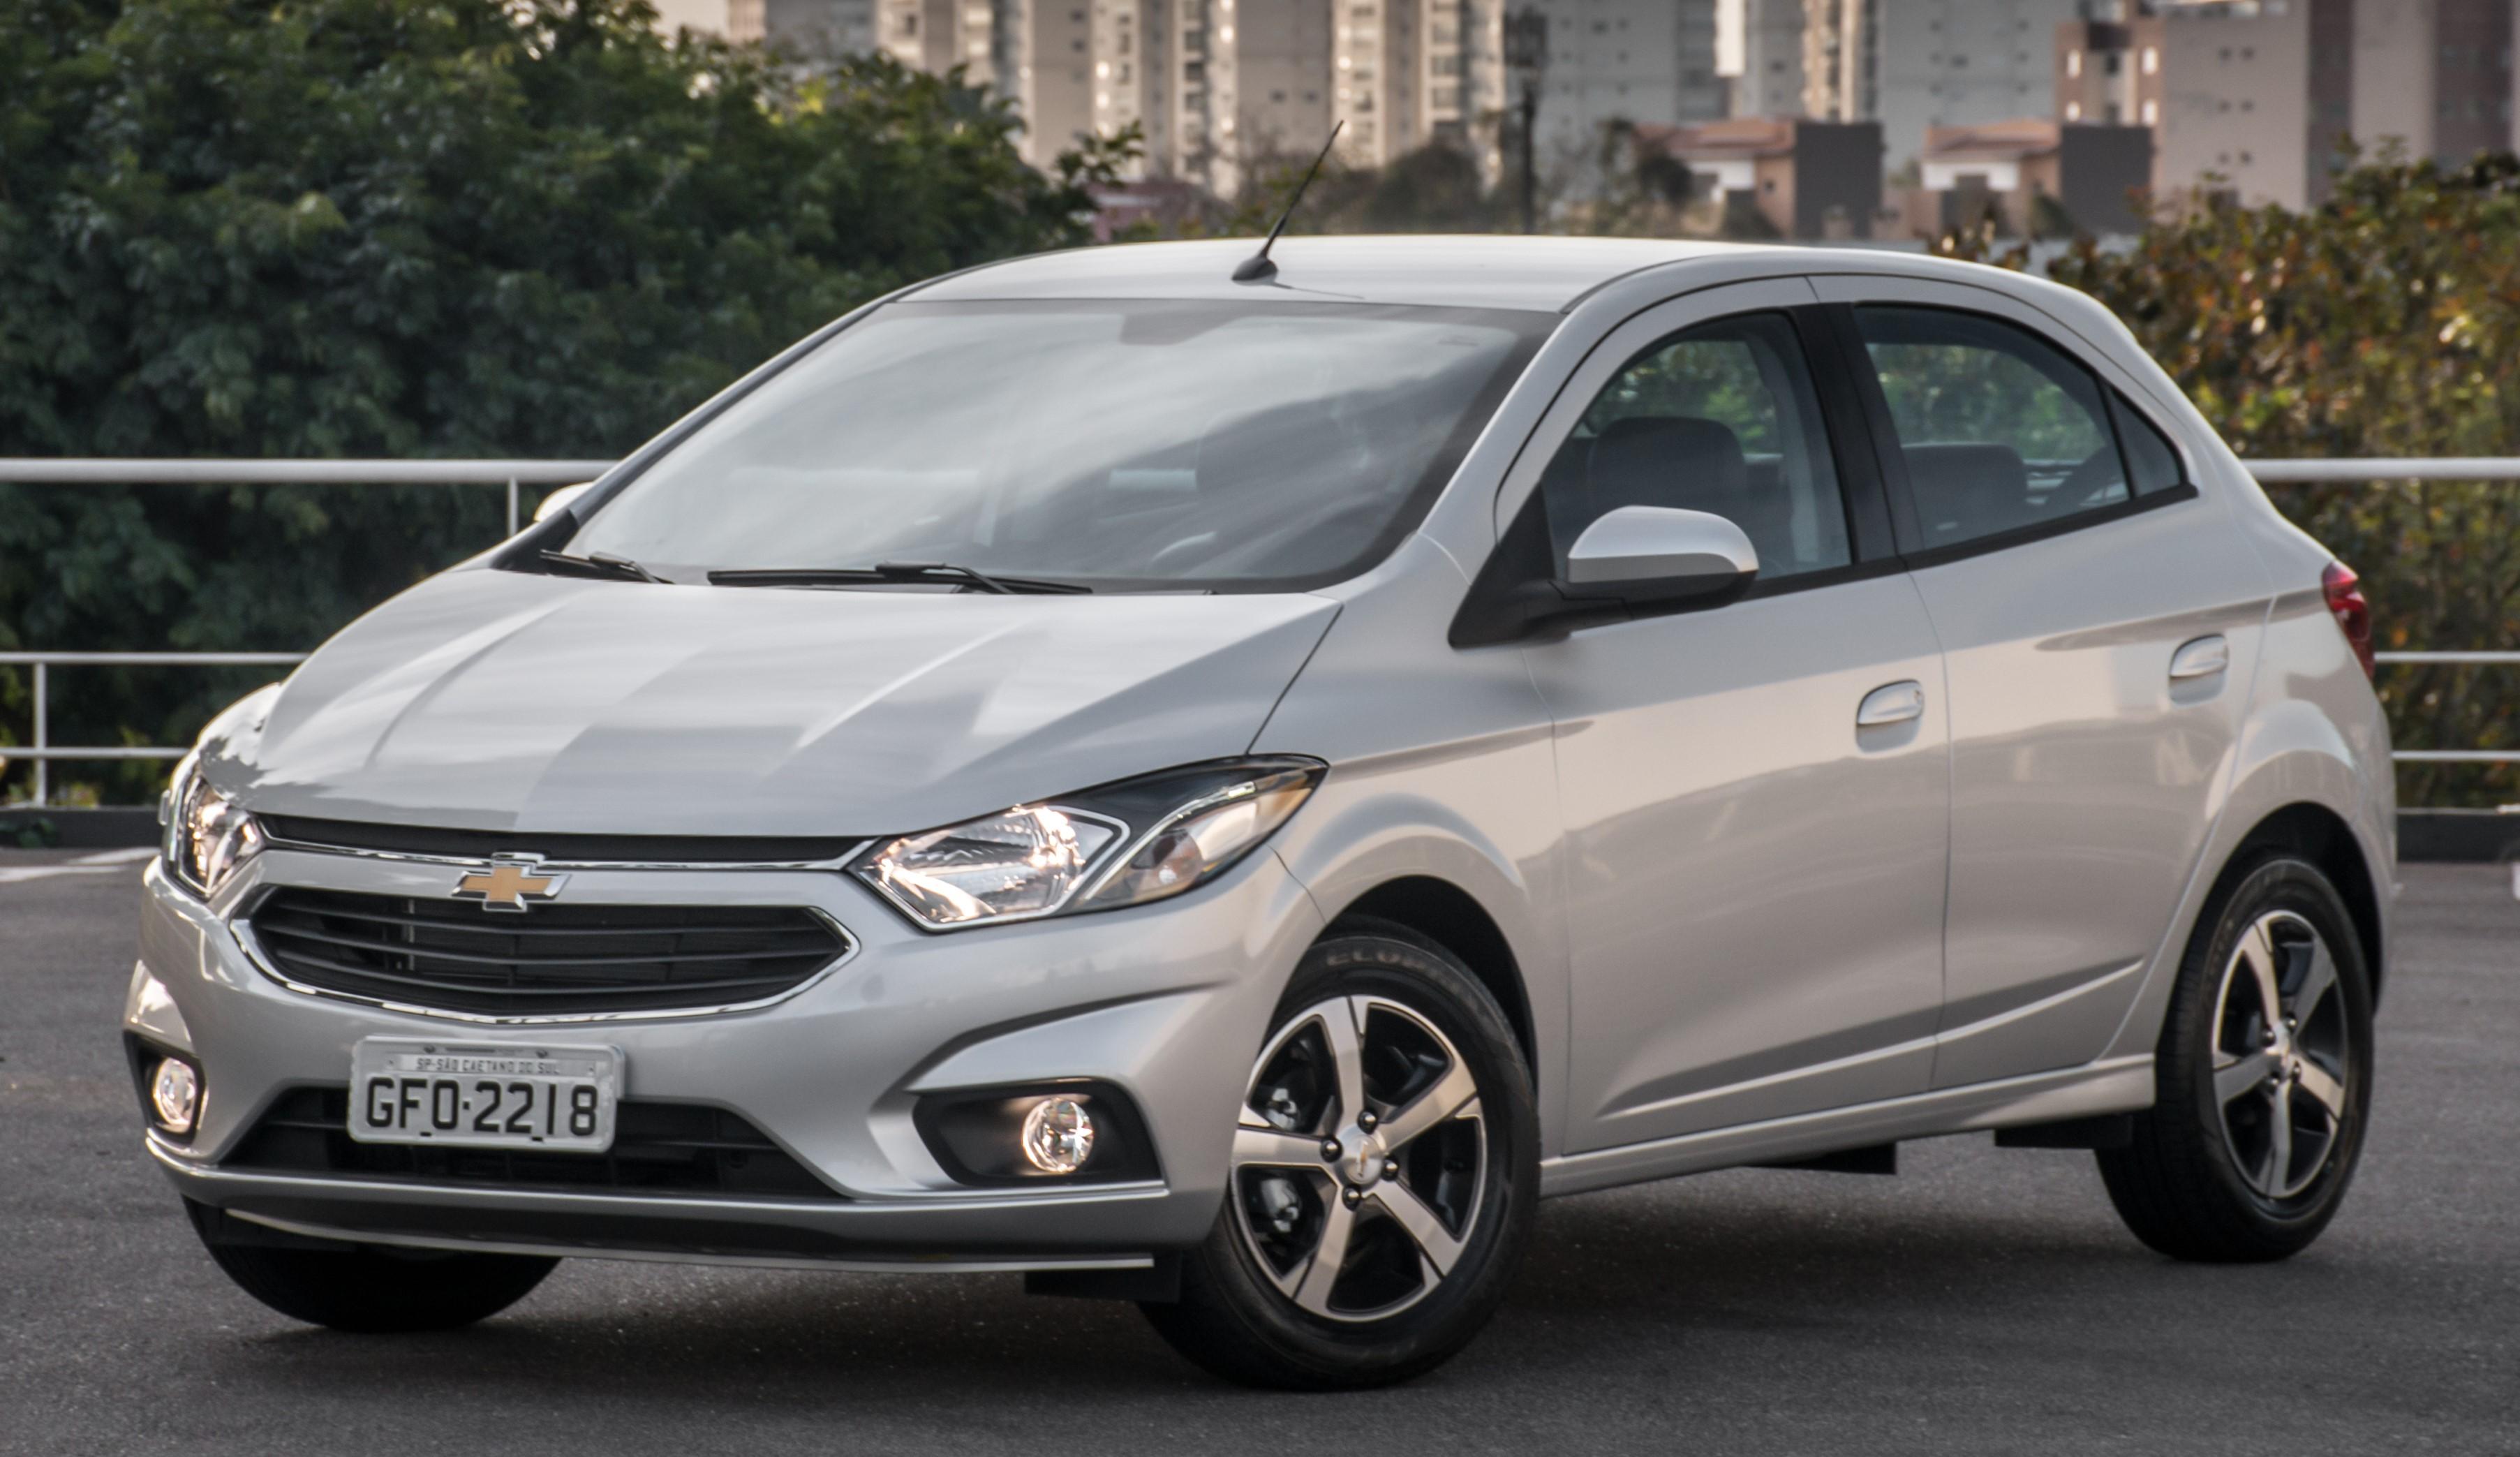 Chevrolet Onix registra recorde de vendas em agosto e completa 3 anos como líder nacional